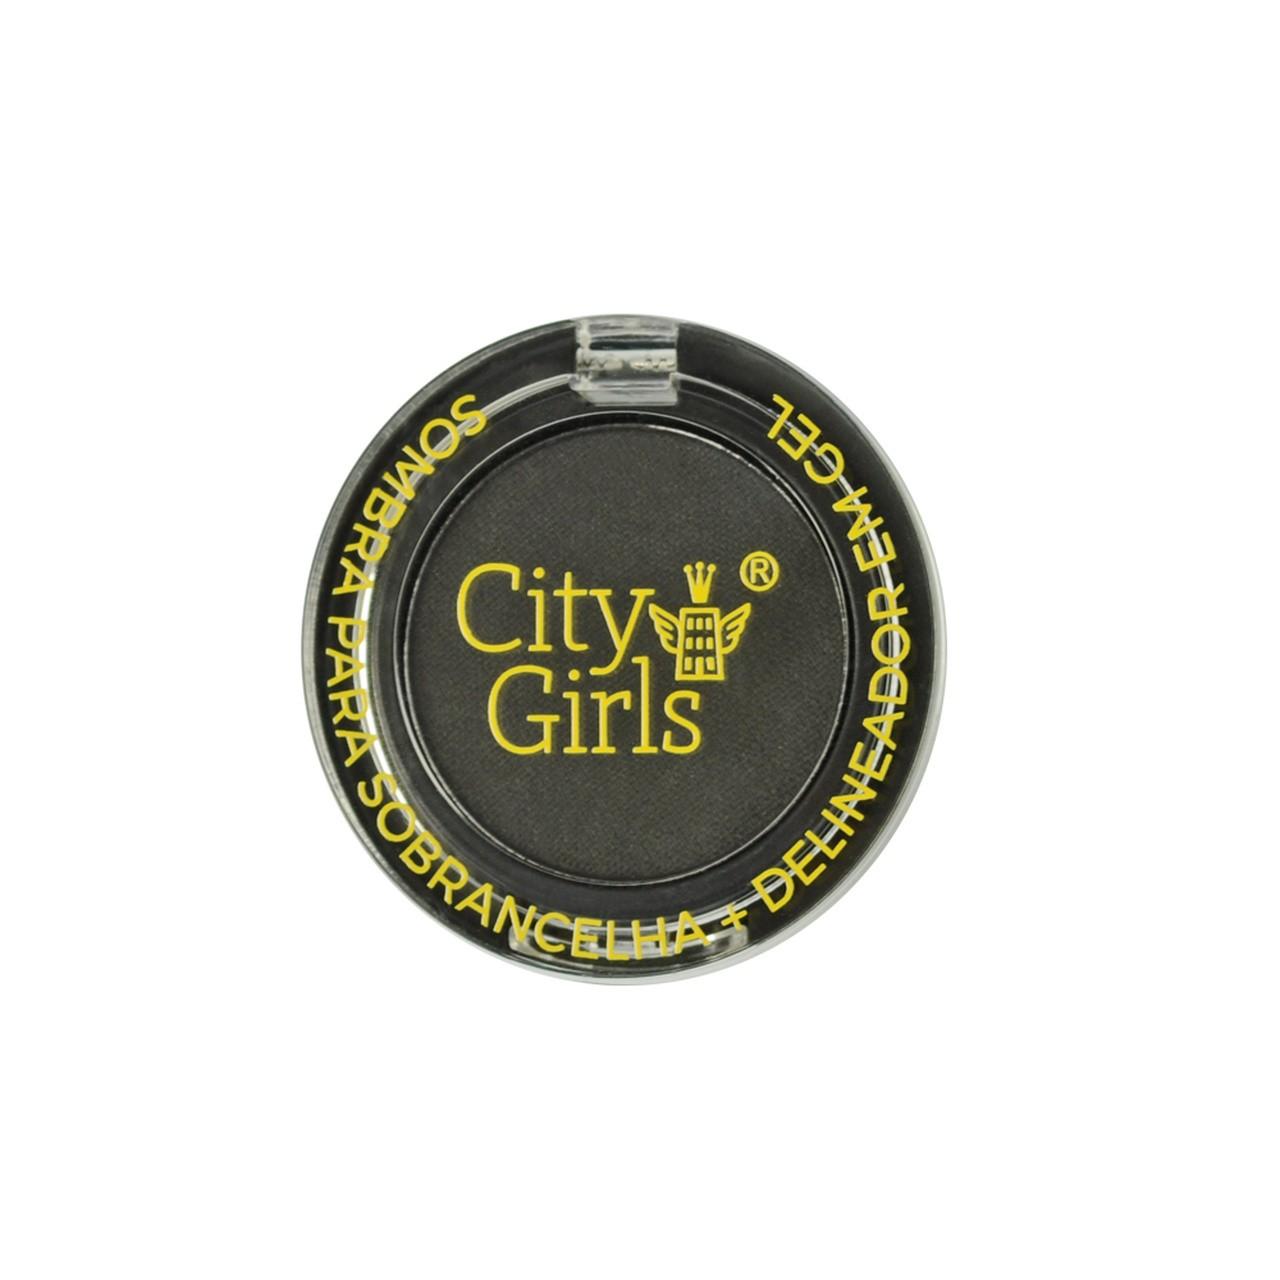 Sombra para Sobrancelhas e Delineador em Gel City Girls